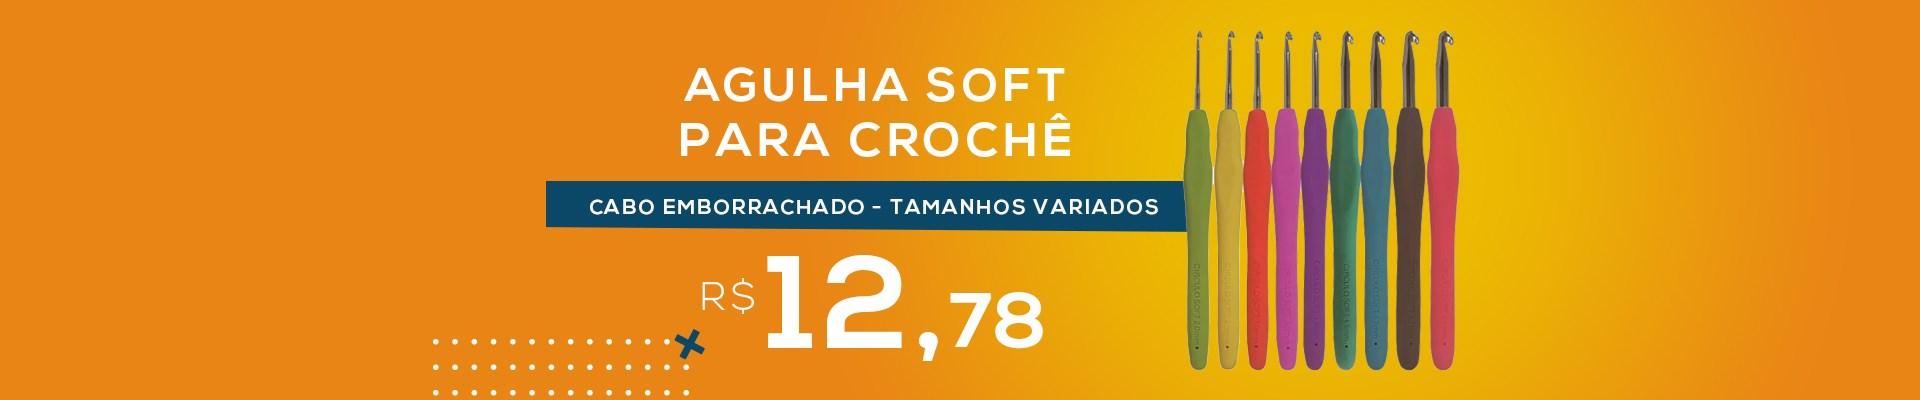 Agulha Soft Para Crochê - Cabo Emborrachado - Tamanhos Variados - Círculo